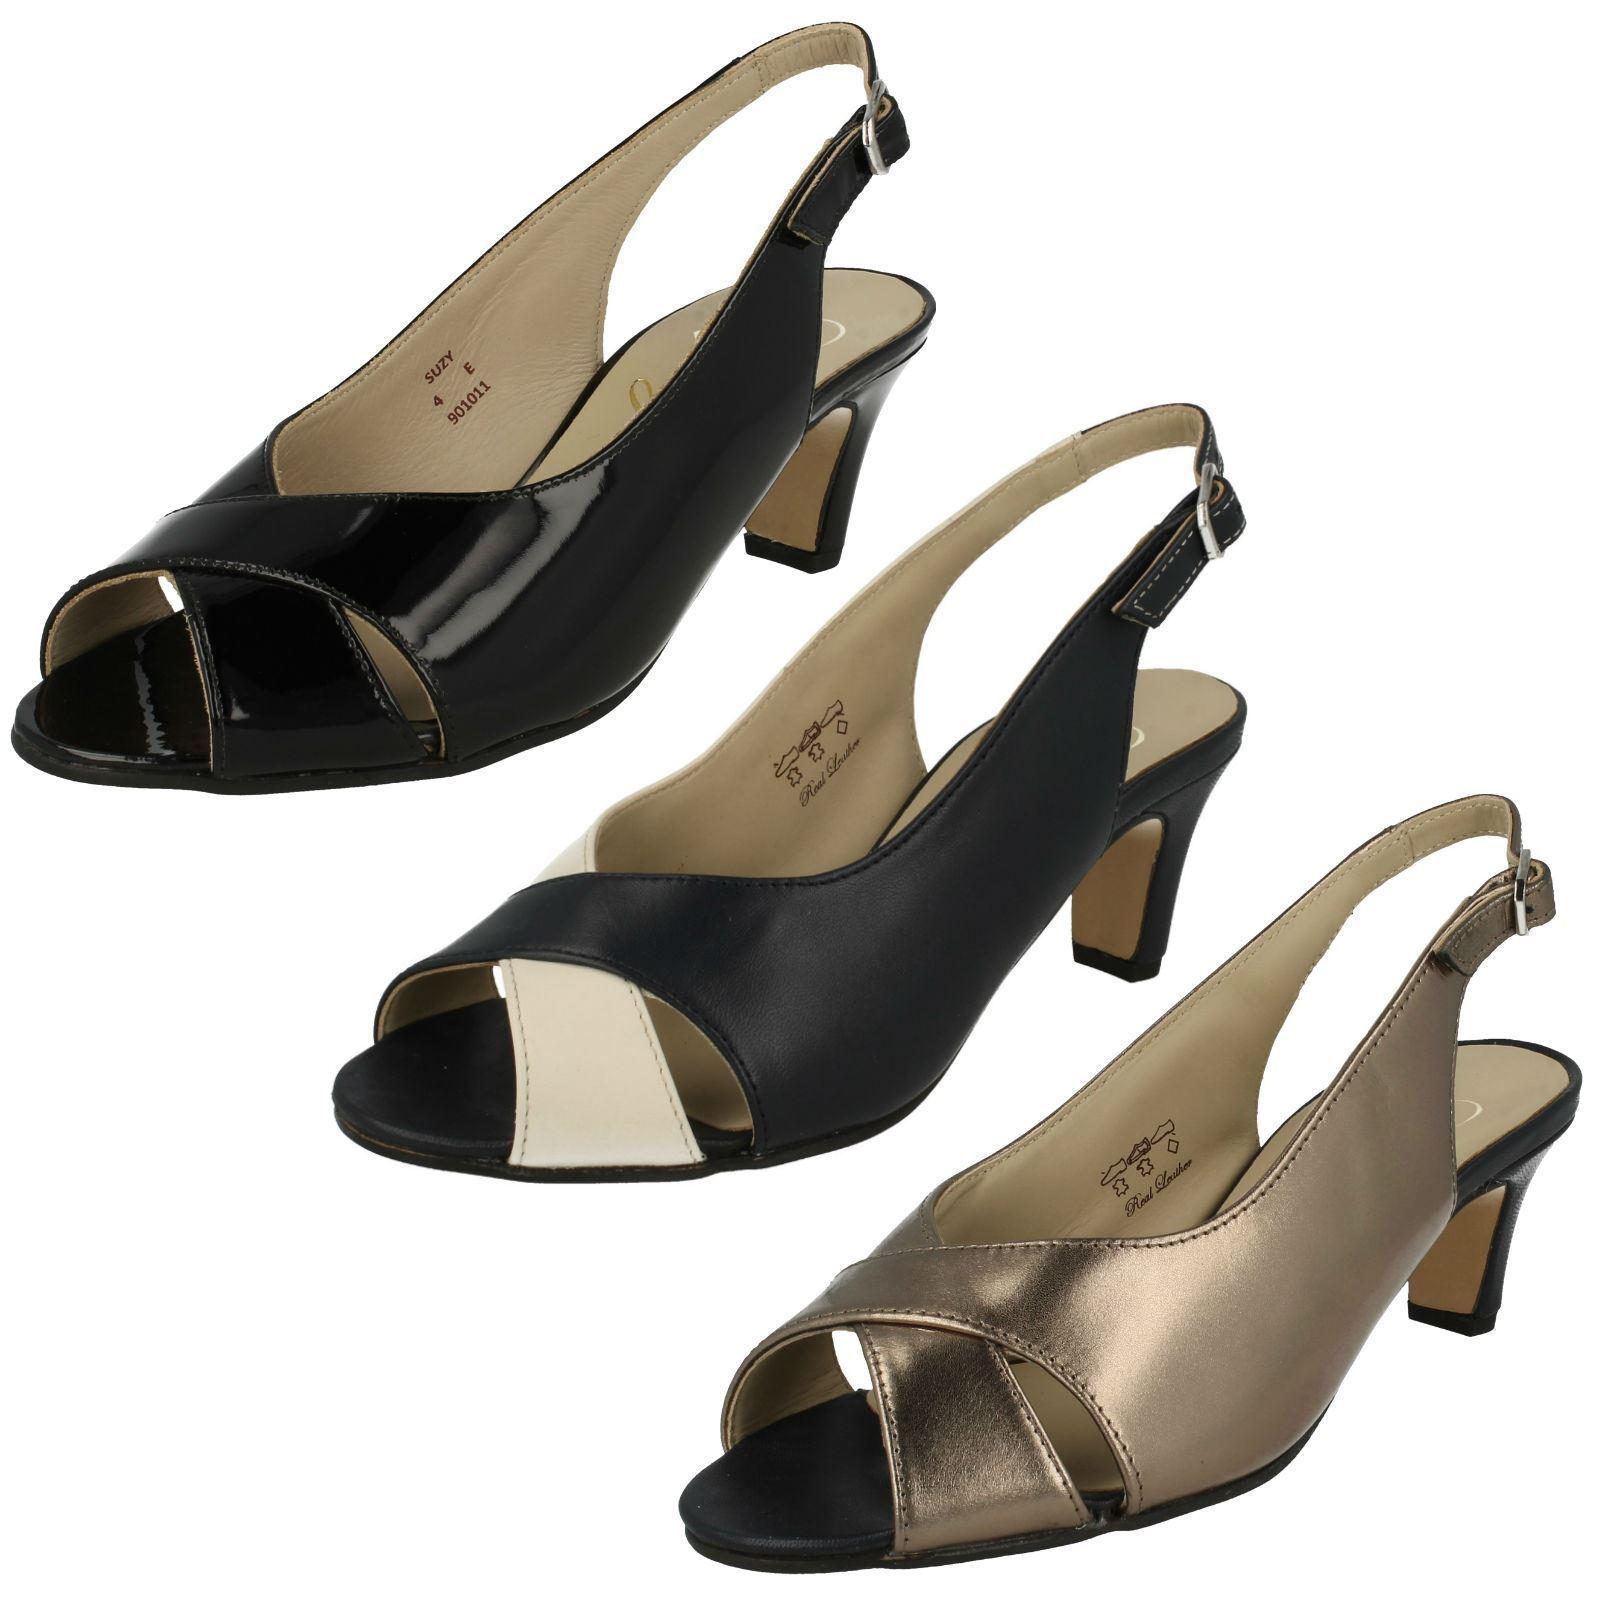 compra nuovo economico Equity Equity Equity Suzy Donna Sandali con cinturino alla caviglia  una marca di lusso